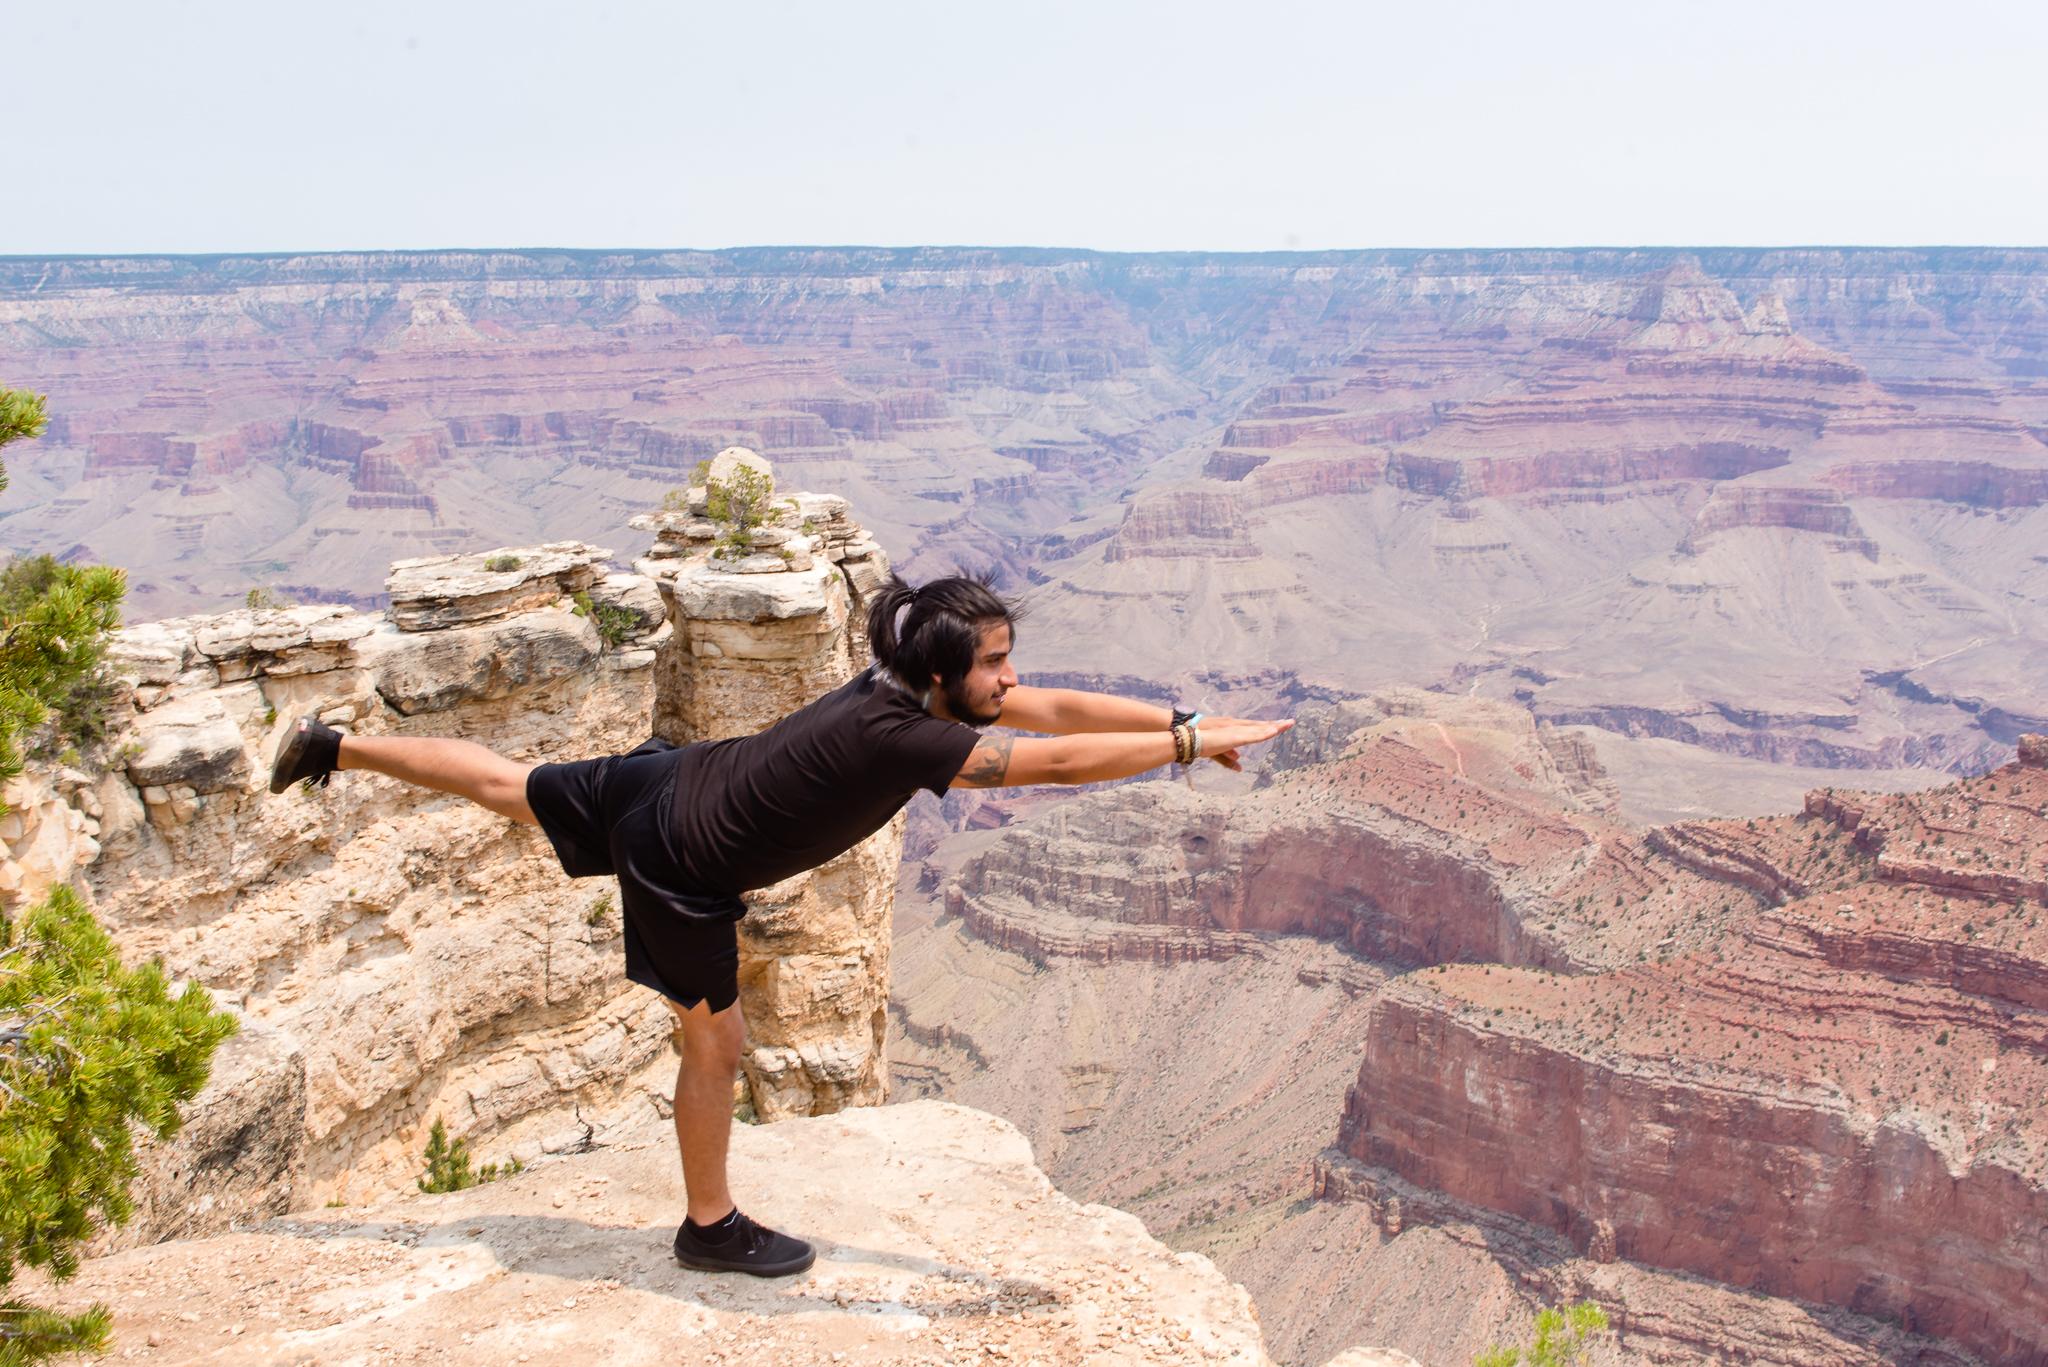 Rick / 6/20/16 / Grand Canyon South Rim, AZ